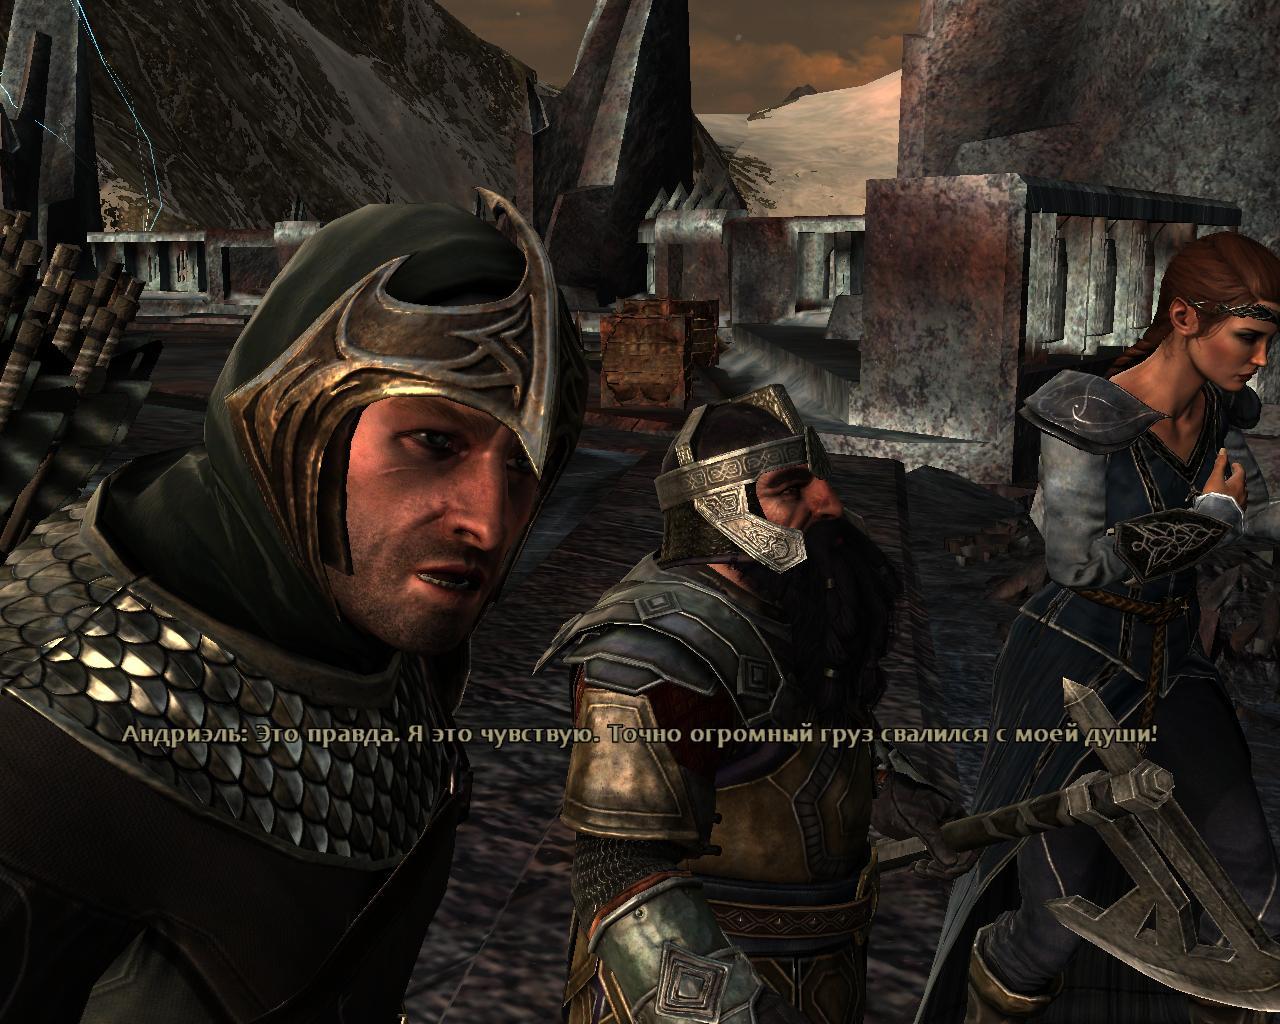 Персонажи игры властелин колец война за север черепашки ниндзя игра туртлес